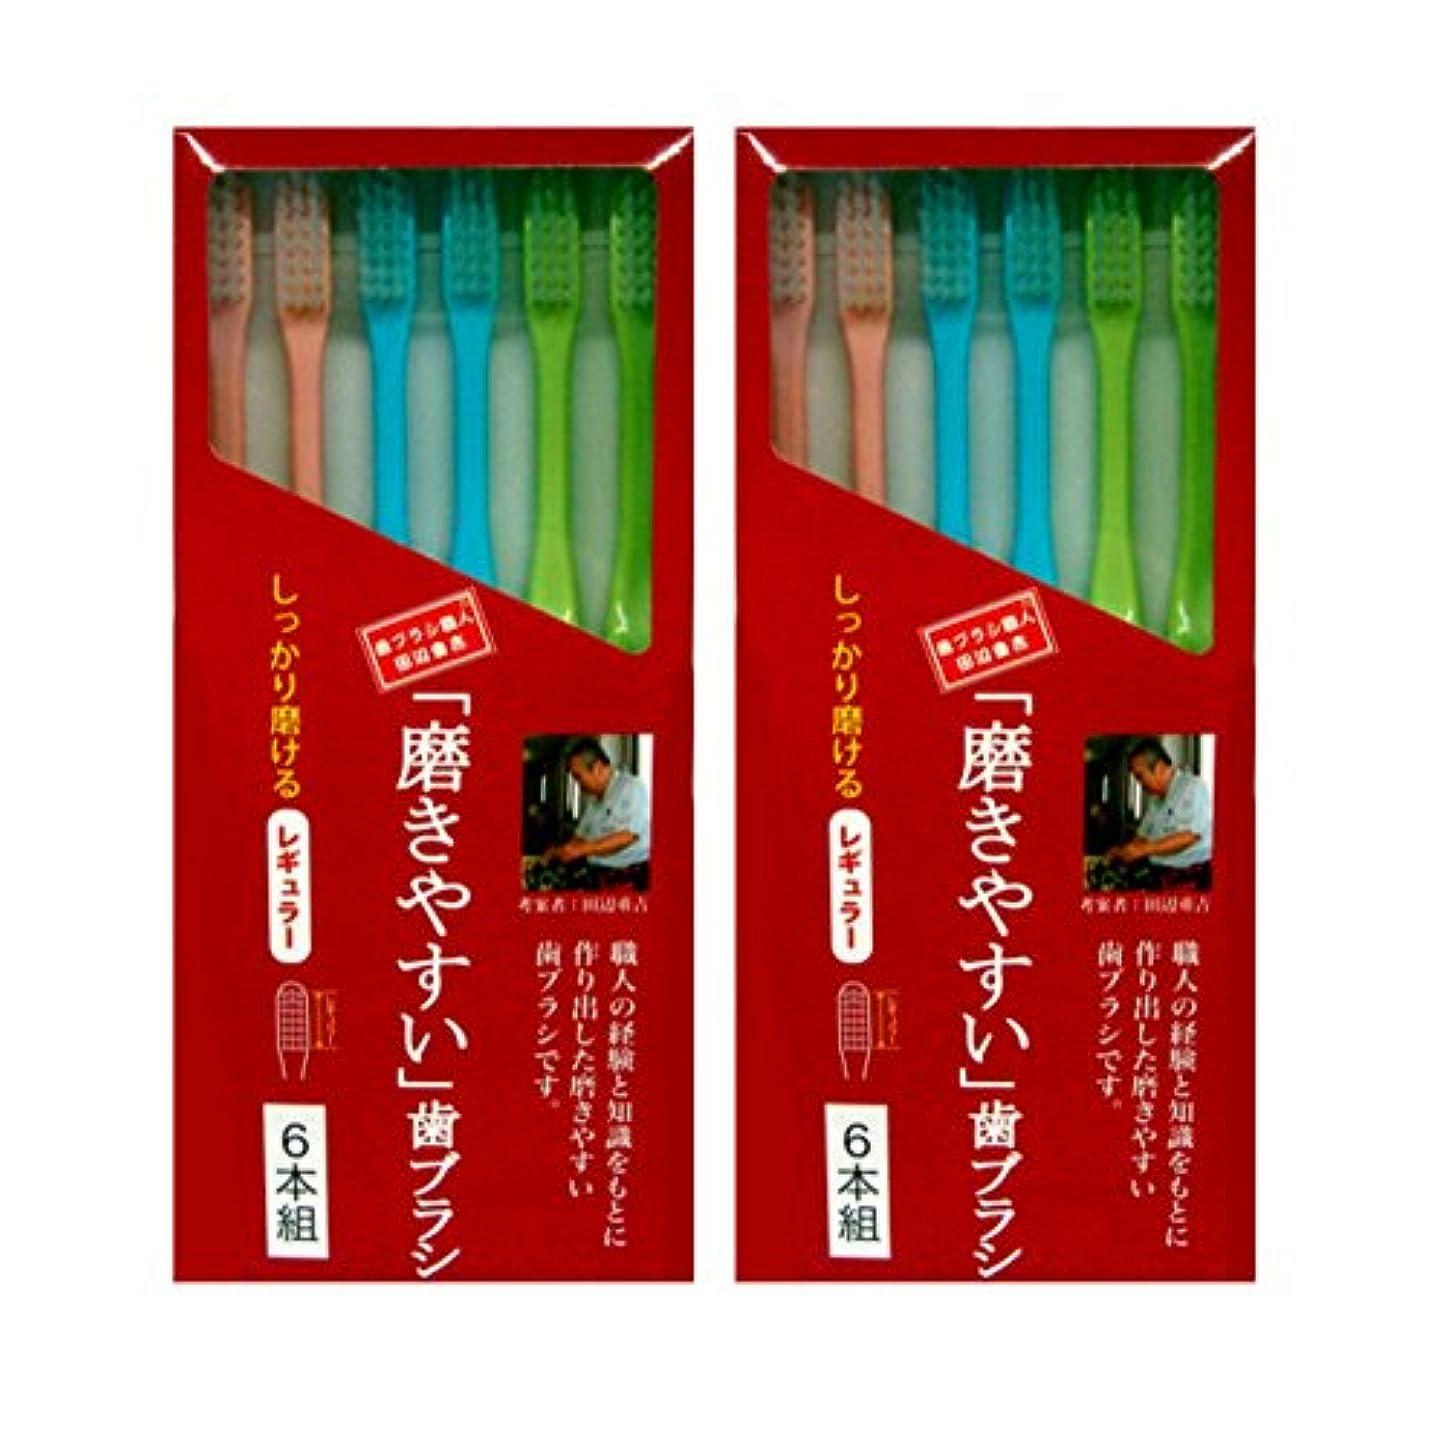 おじさんトリクル赤ちゃん磨きやすい歯ブラシ レギュラータイプ 6本組×2個セット (計12本)